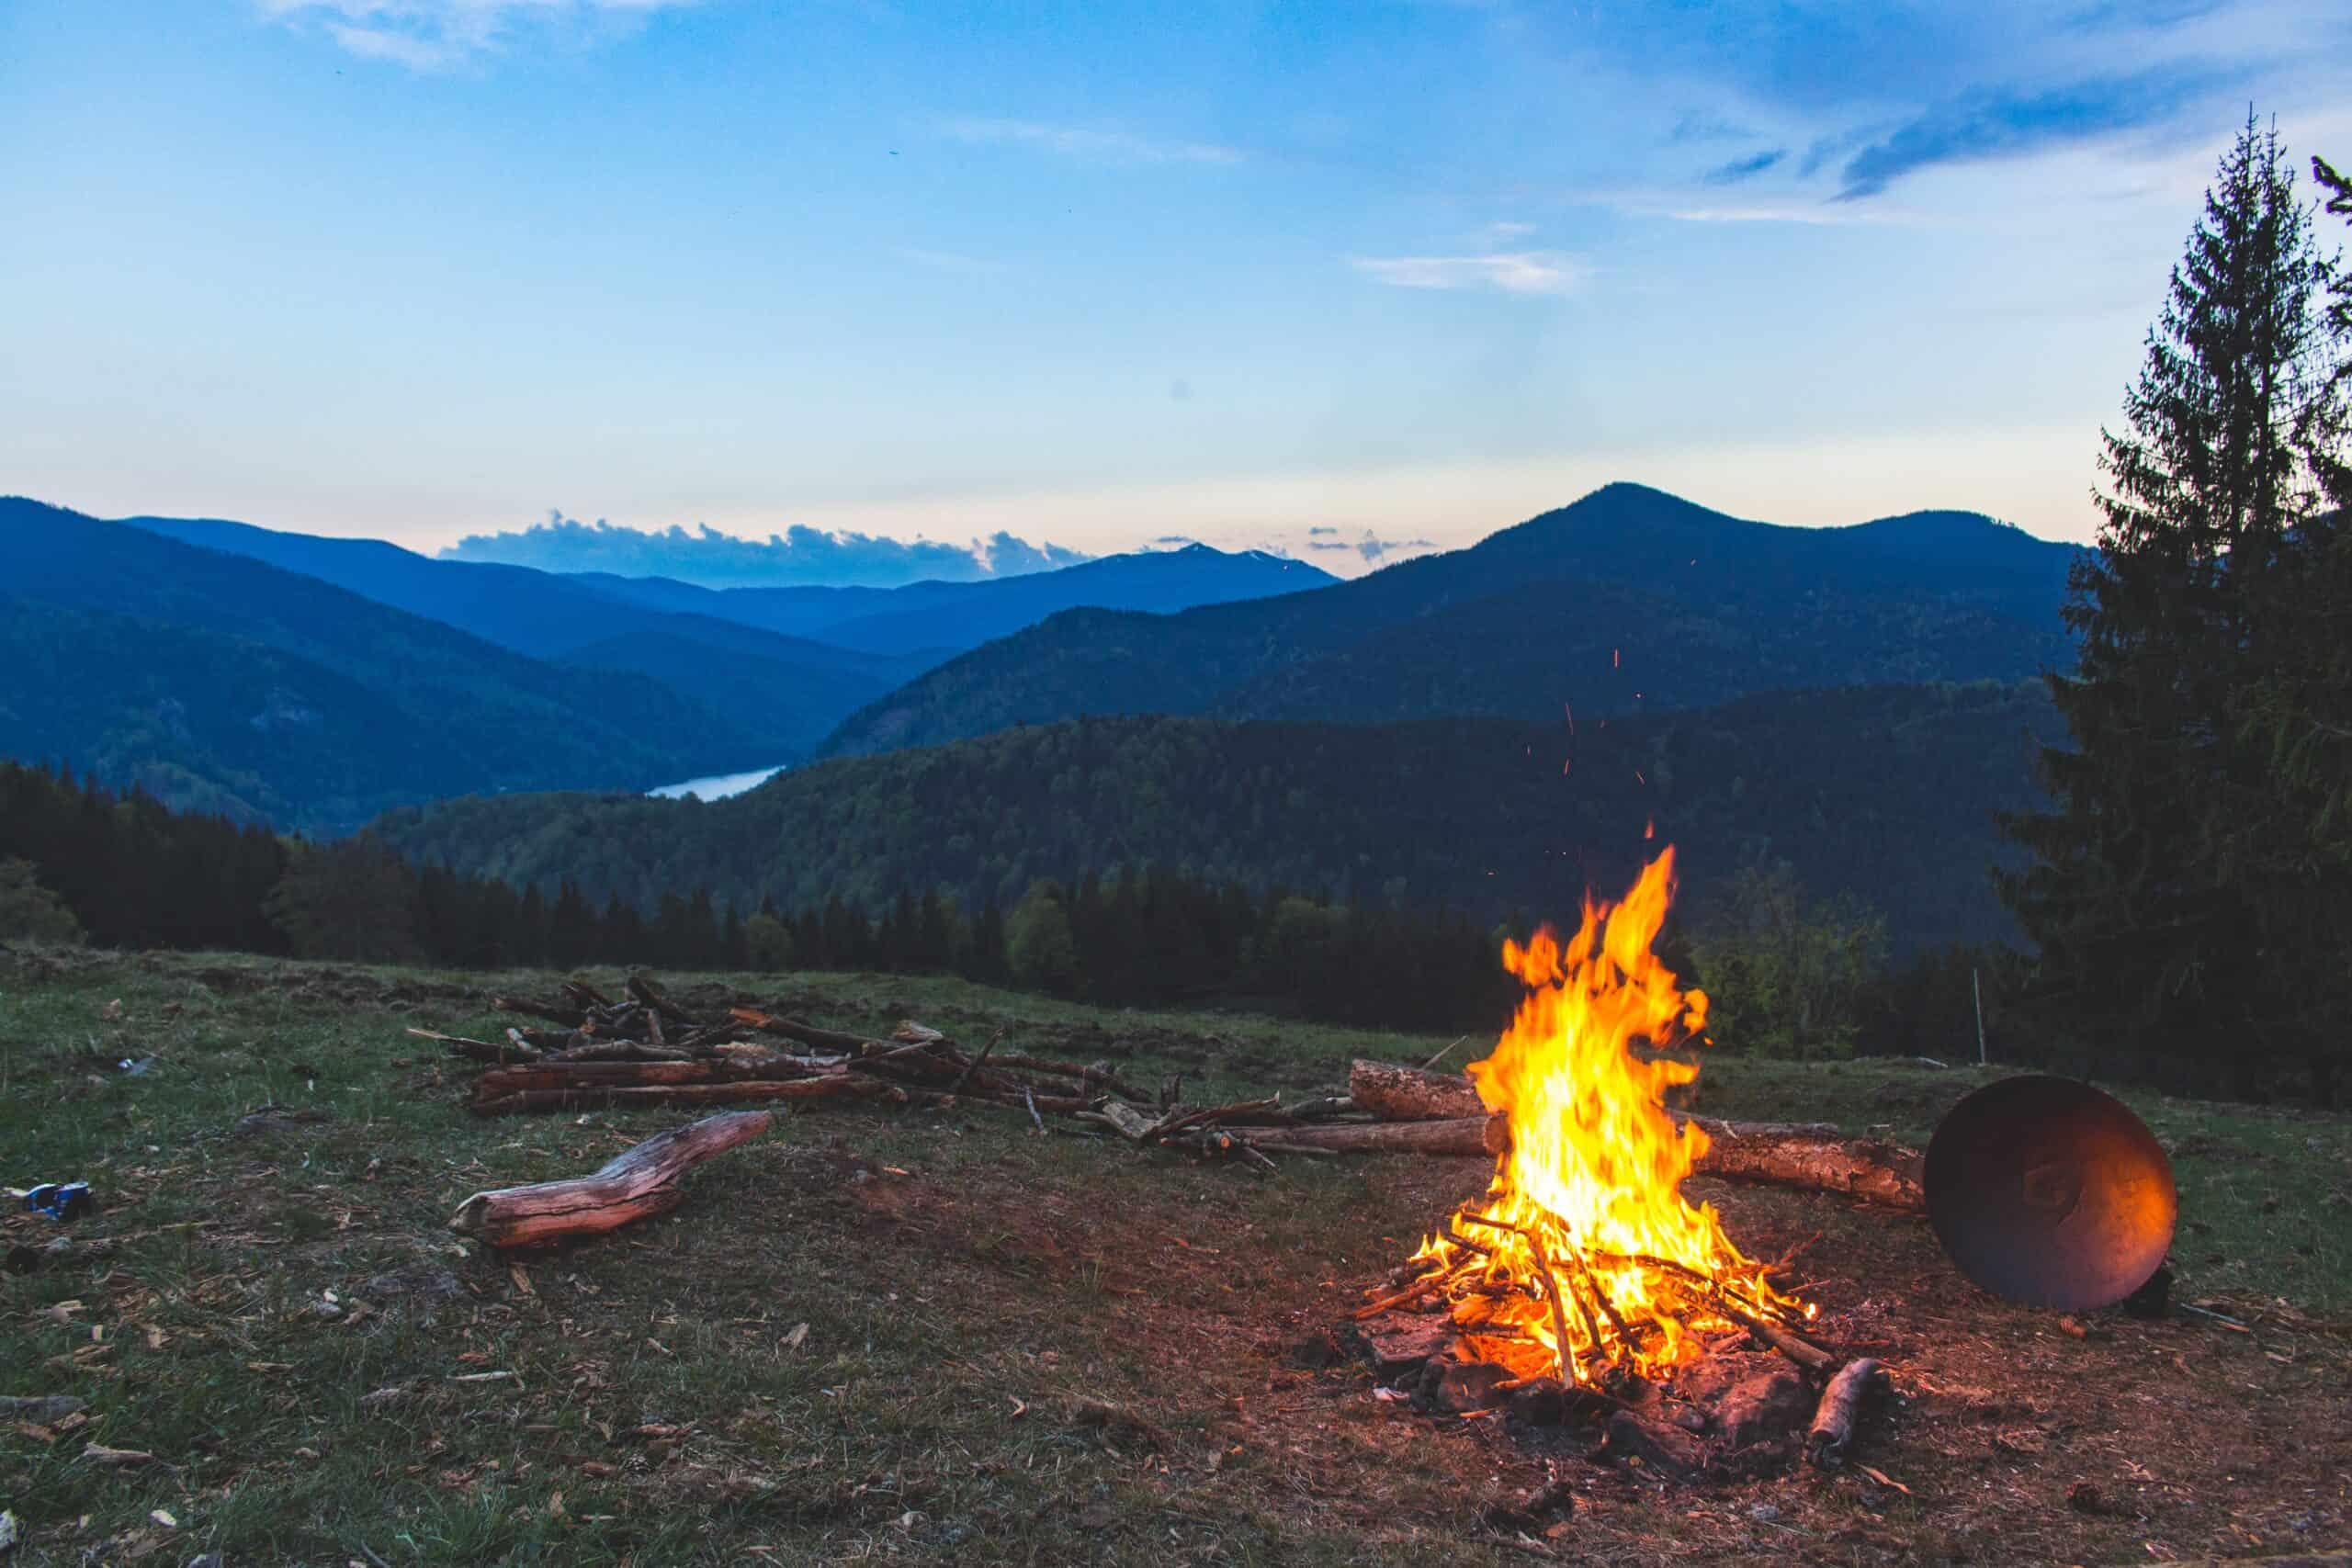 Photo of a campfire - pexels-vlad-bagacian-1061640